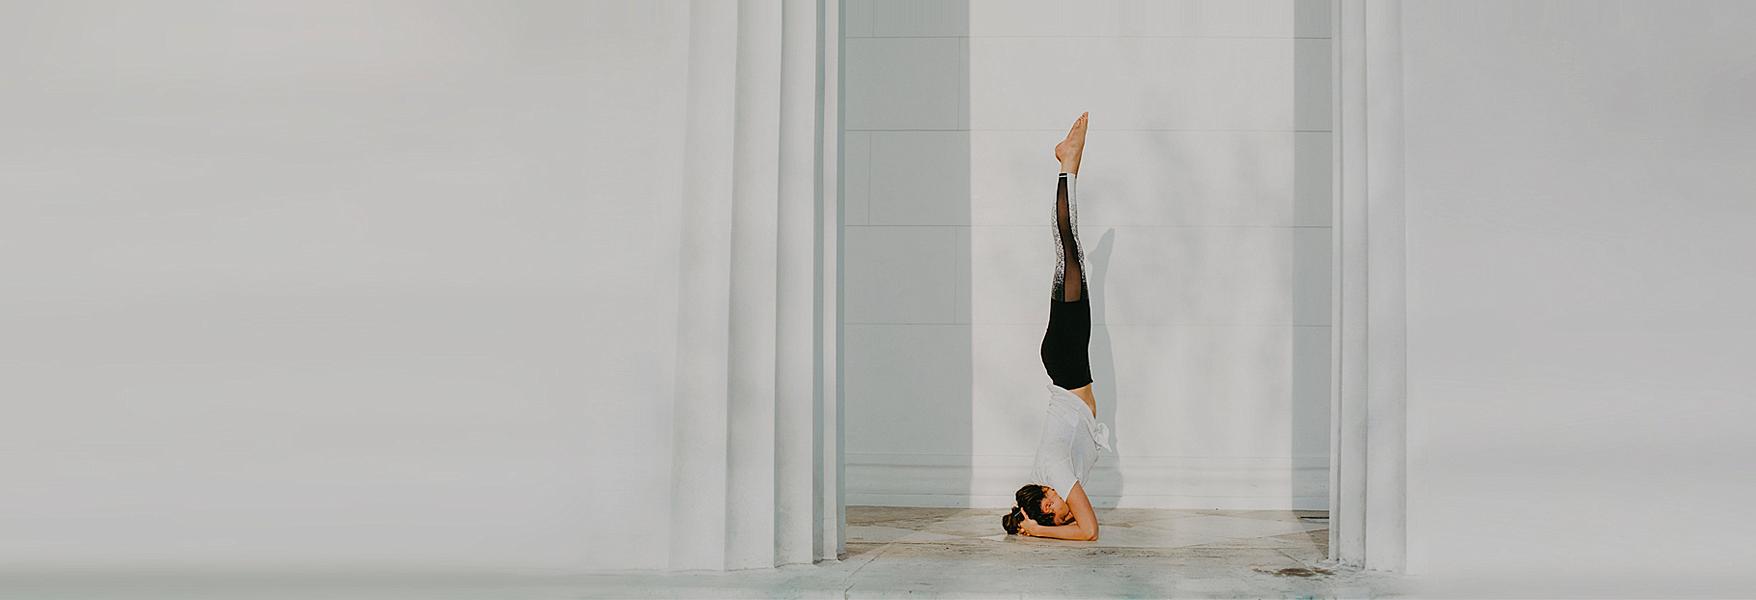 Frau vor weißem Hintergrund im Yoga Kopfstand